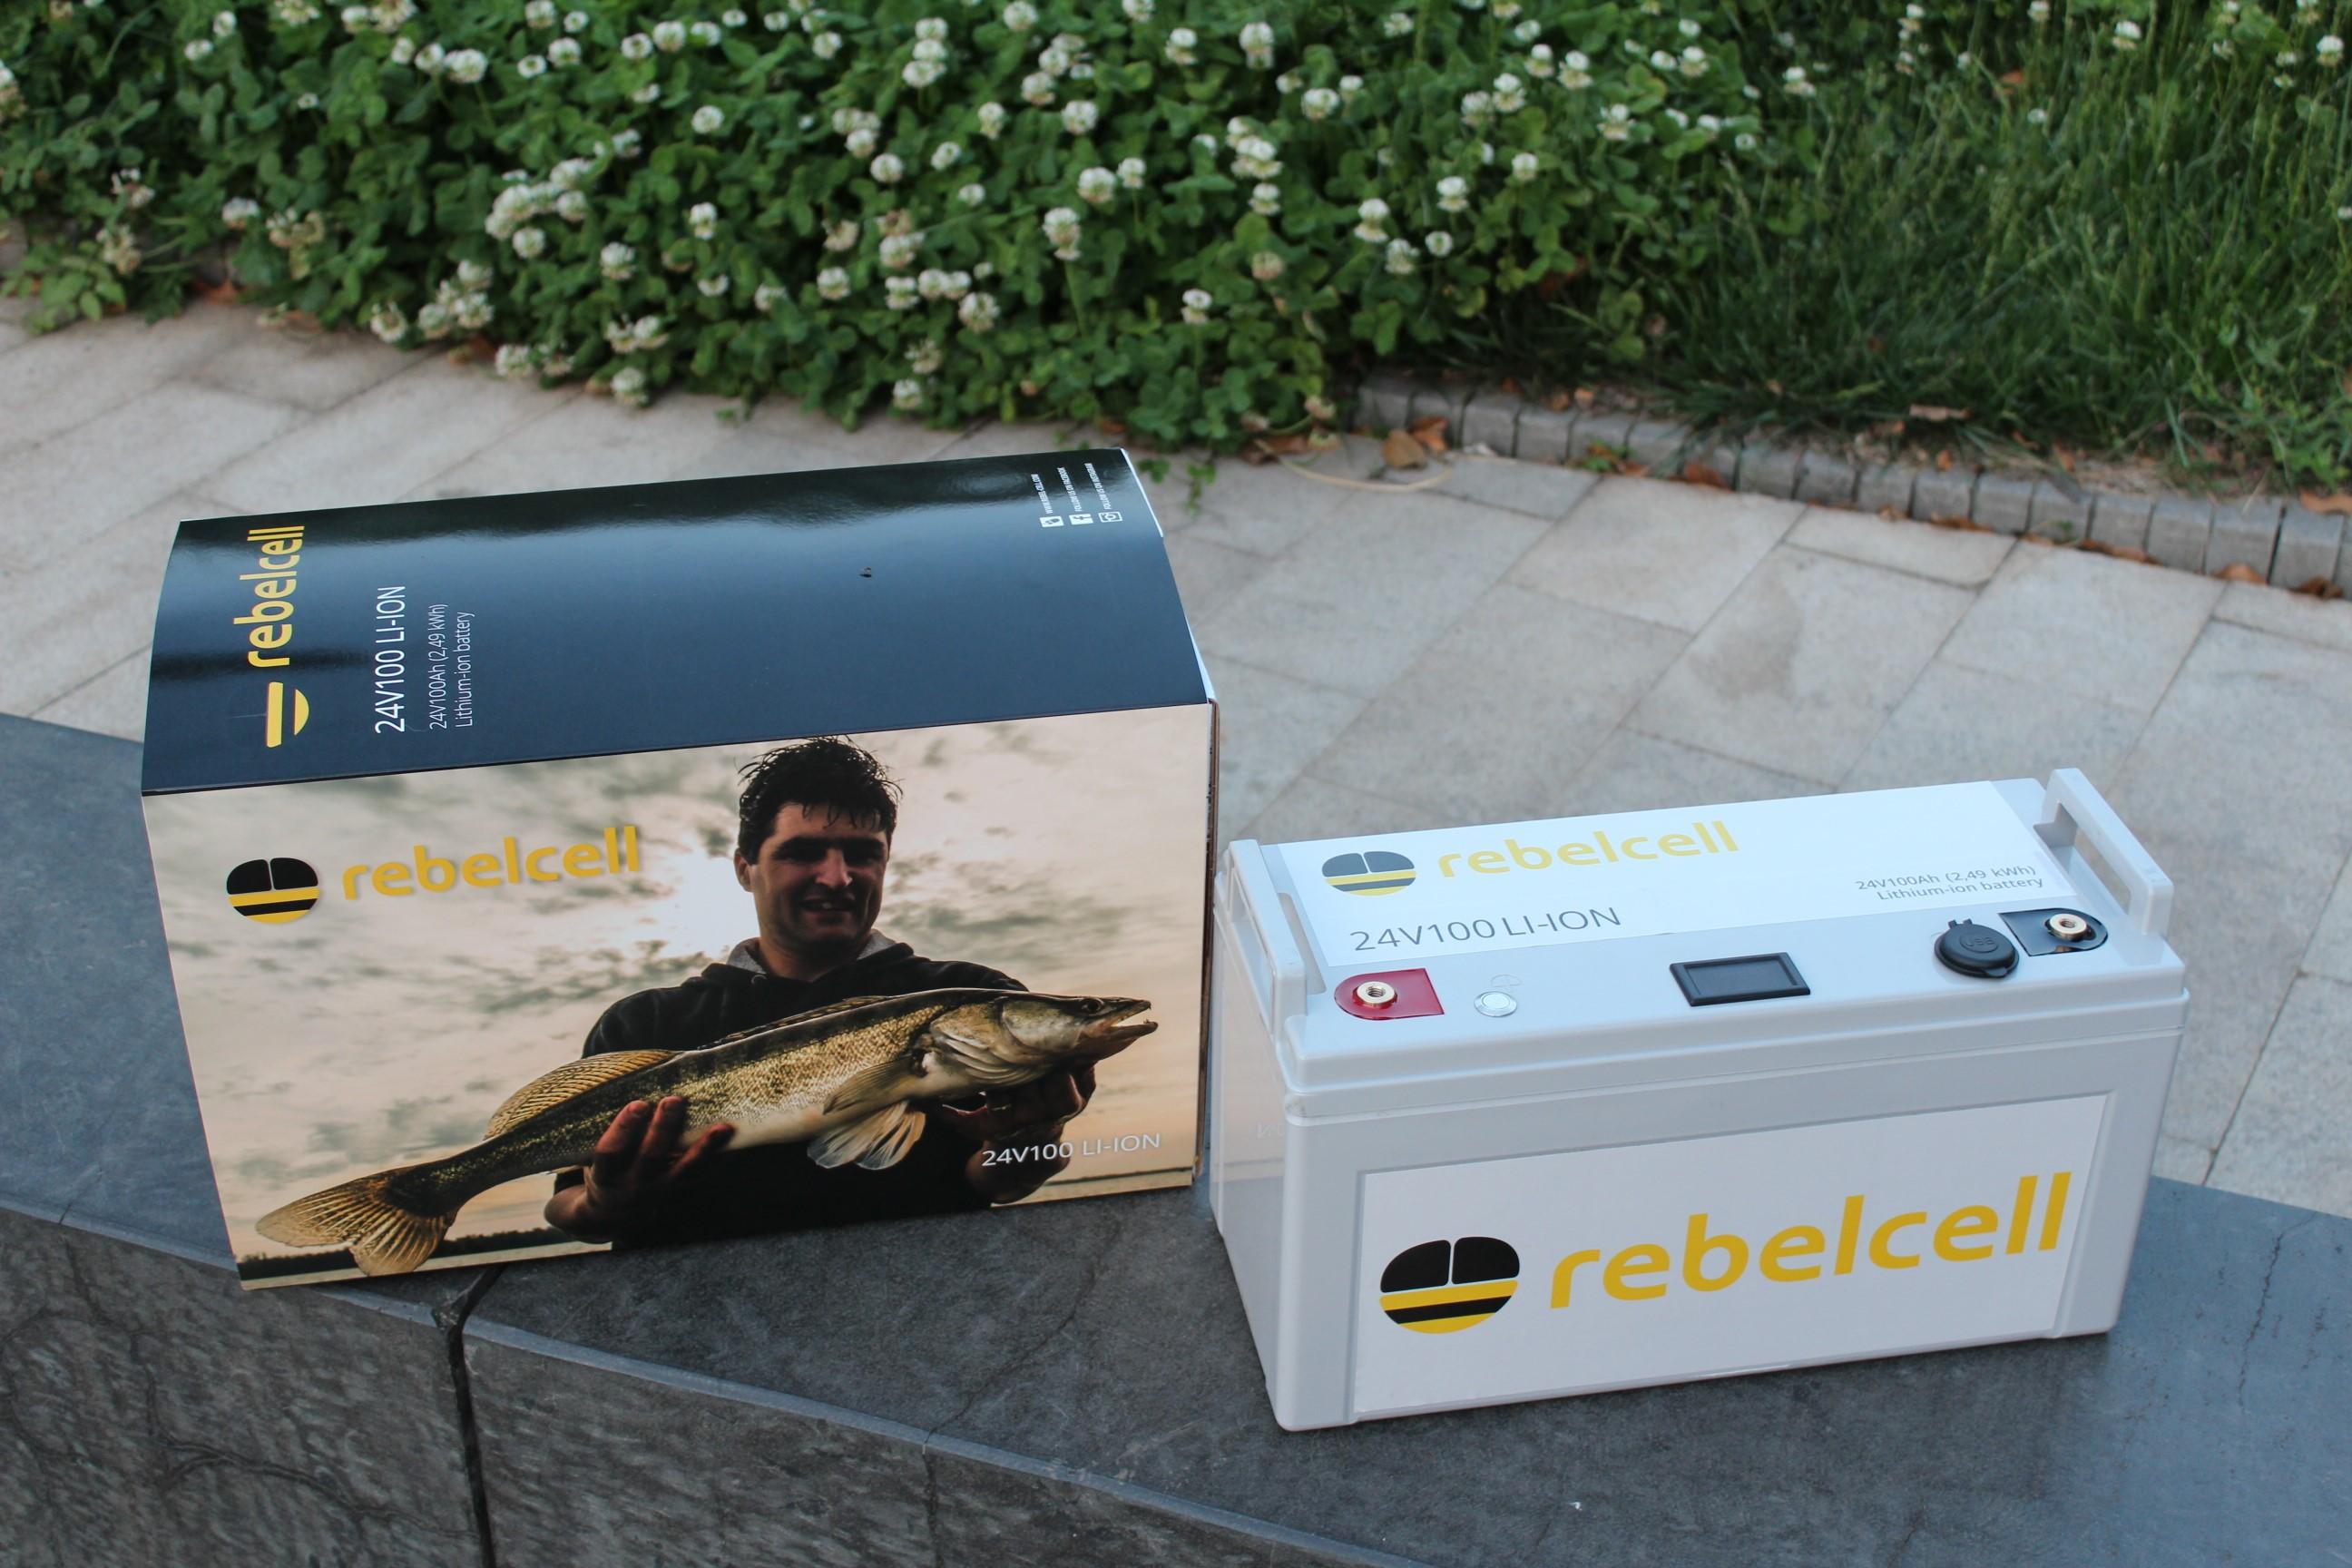 Rebelcell-24V100